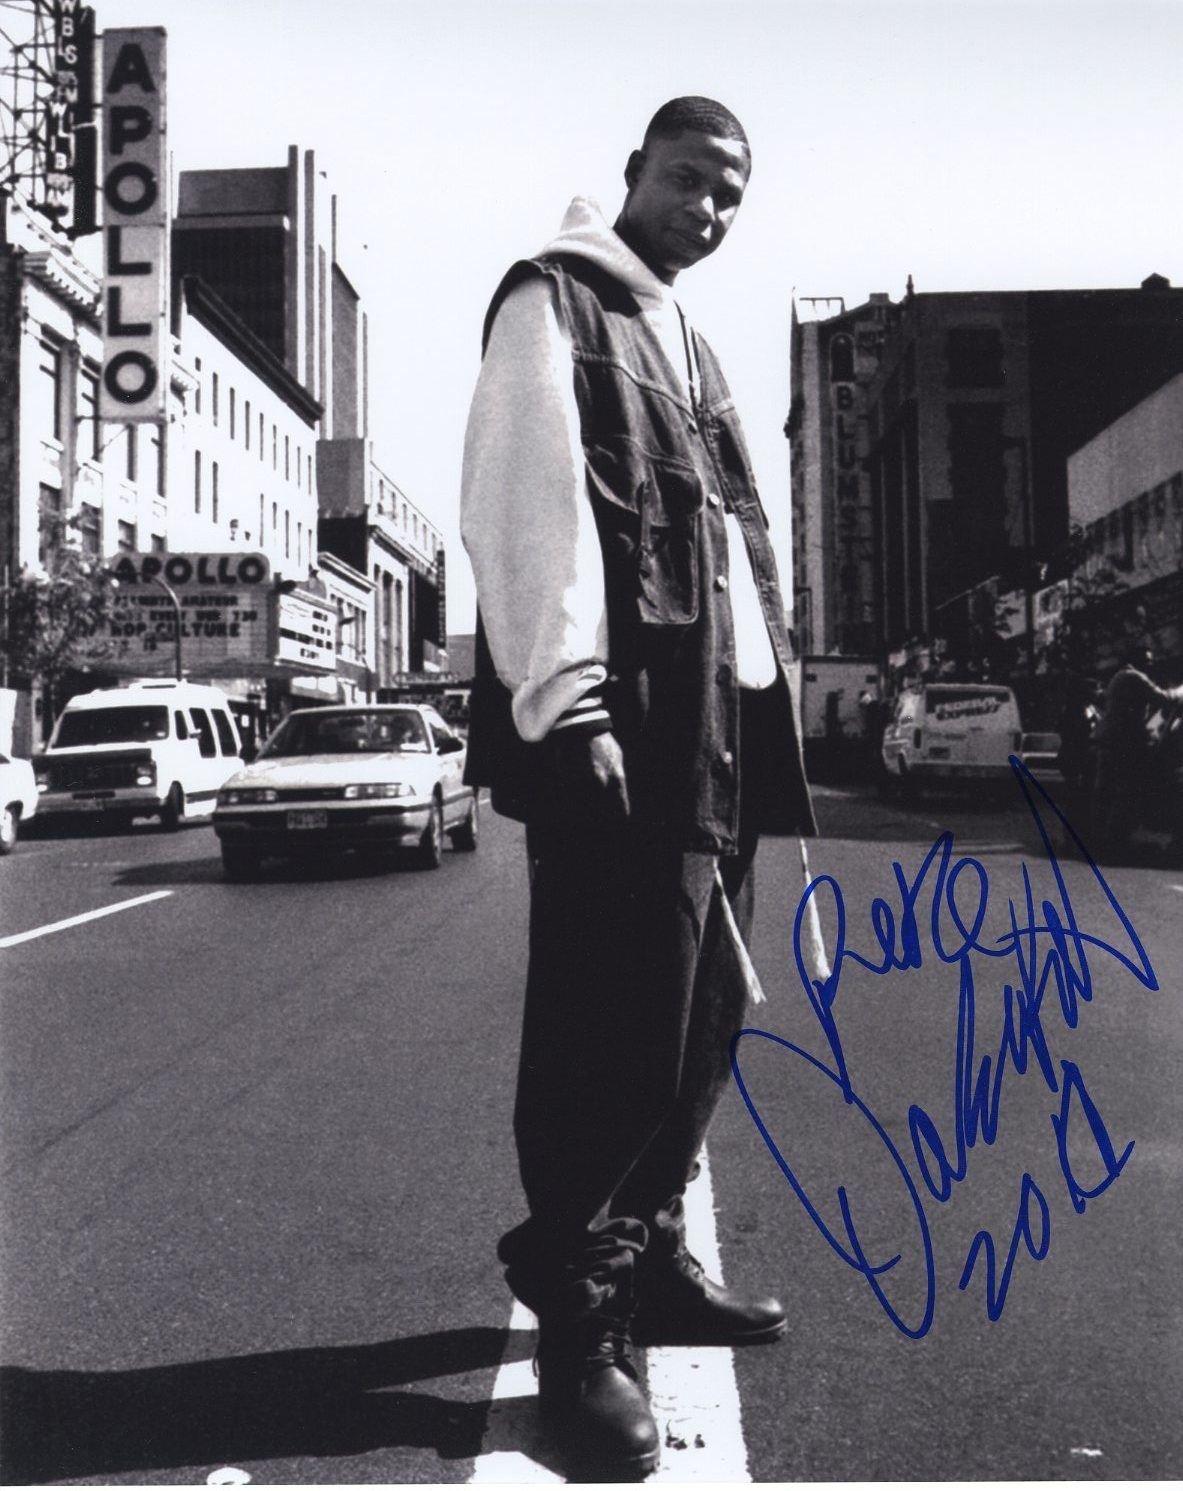 dougie freah signed photo